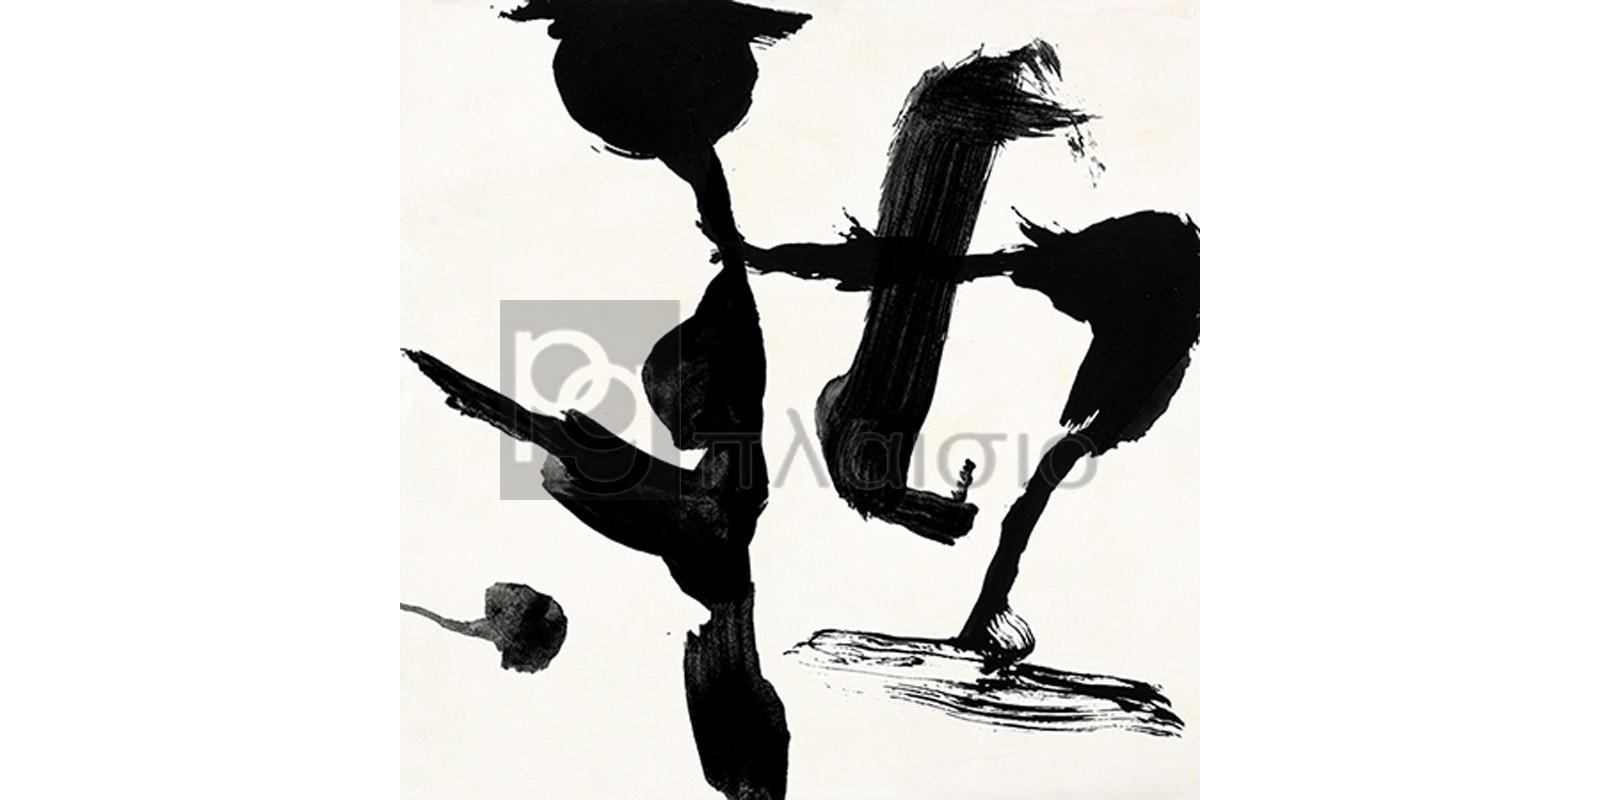 Peter Winkel - Gestures I